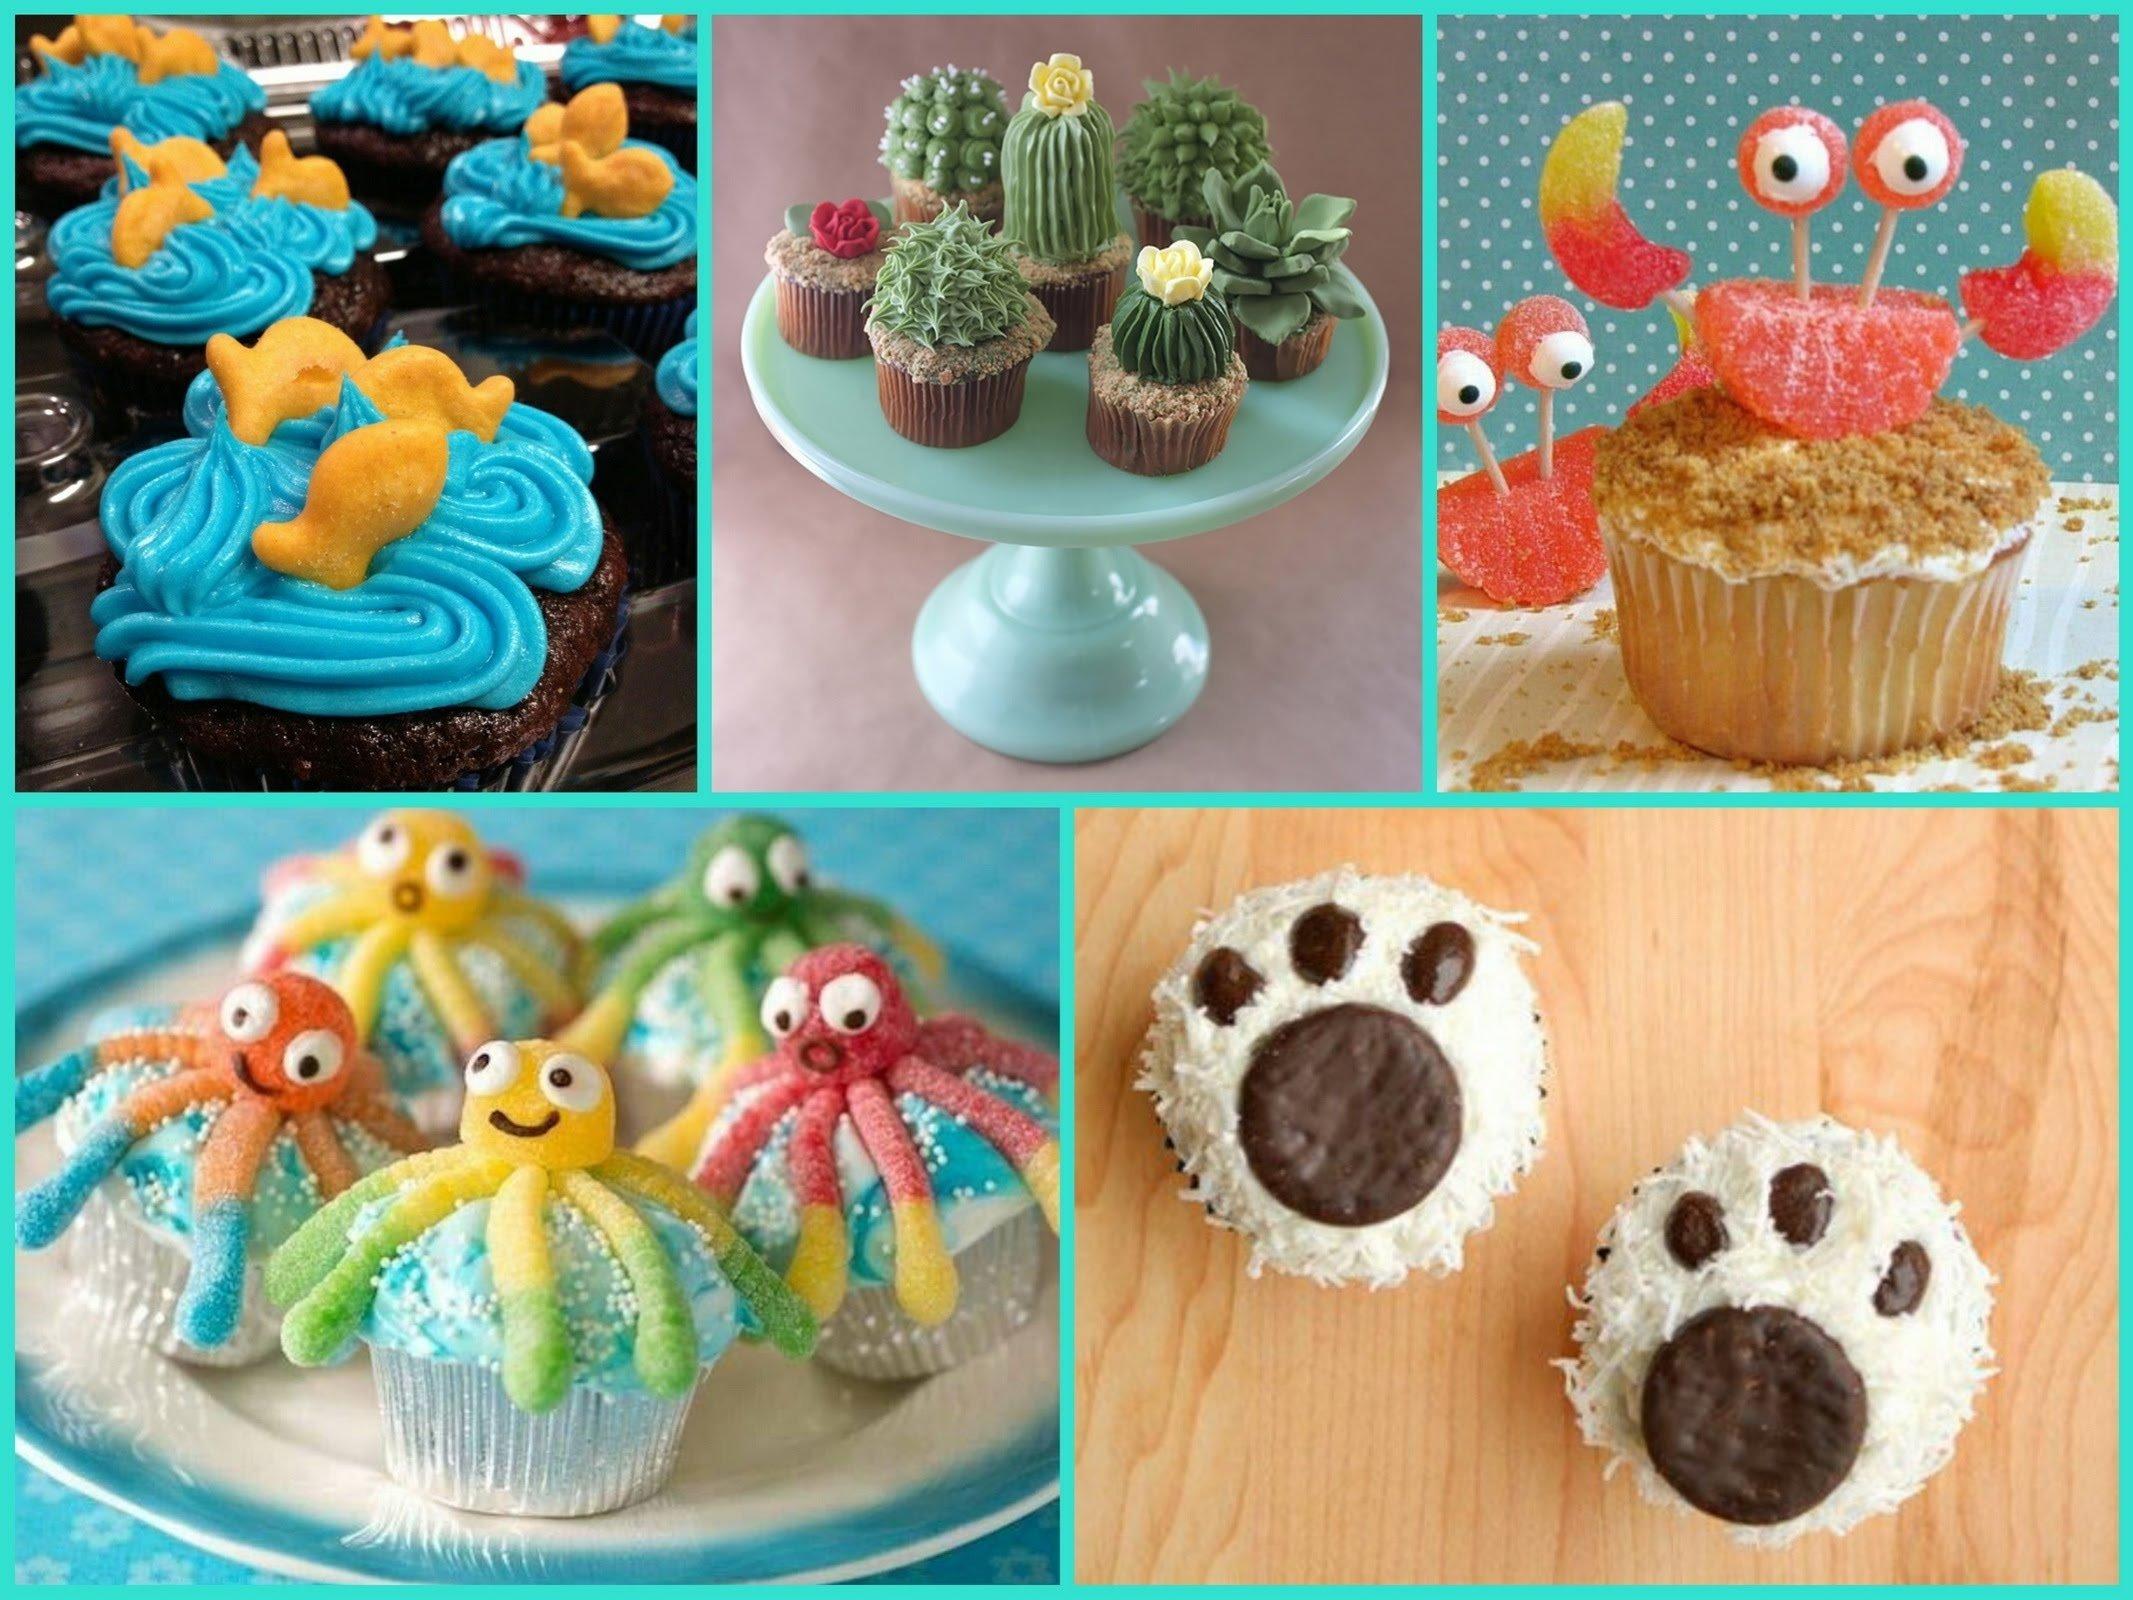 10 Stylish Easy Cake Decorating Ideas For Beginners easy cupcake decorating ideas tips tricks youtube 1 2020